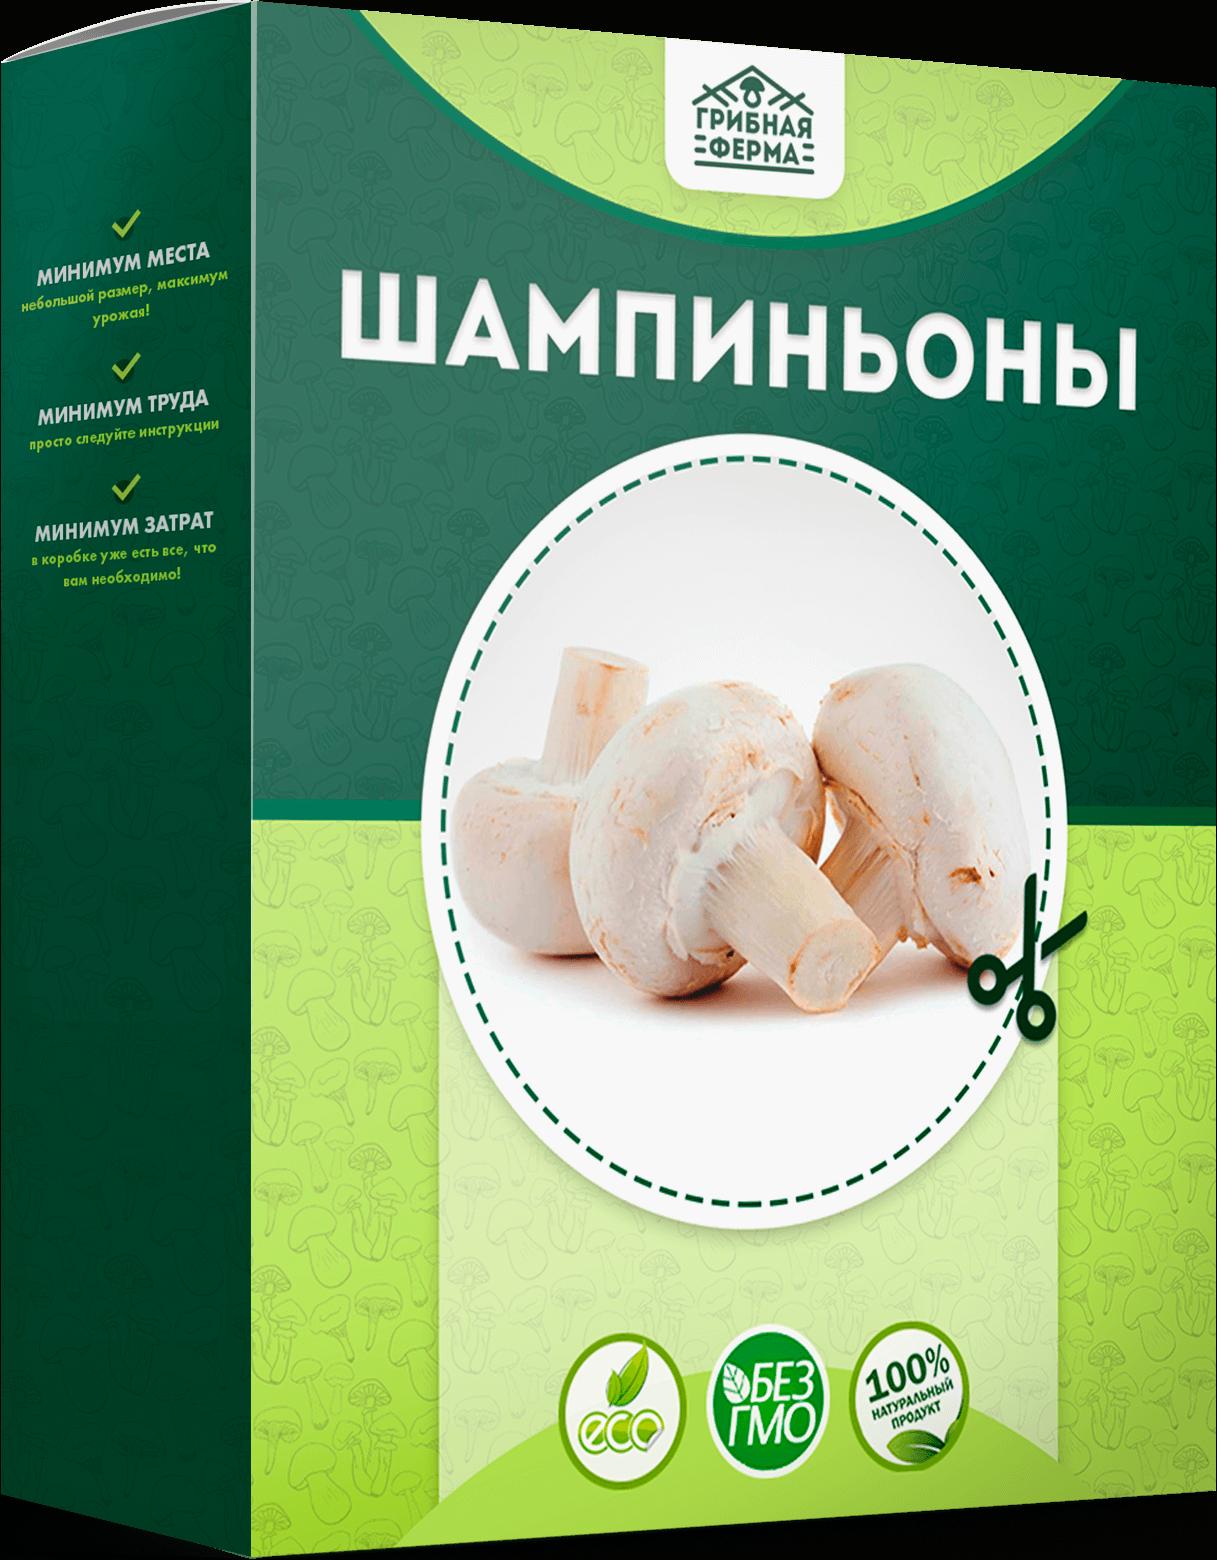 реальные отзывы о грибах в грибной корзине, выращенных в домашних условиях + фото 8